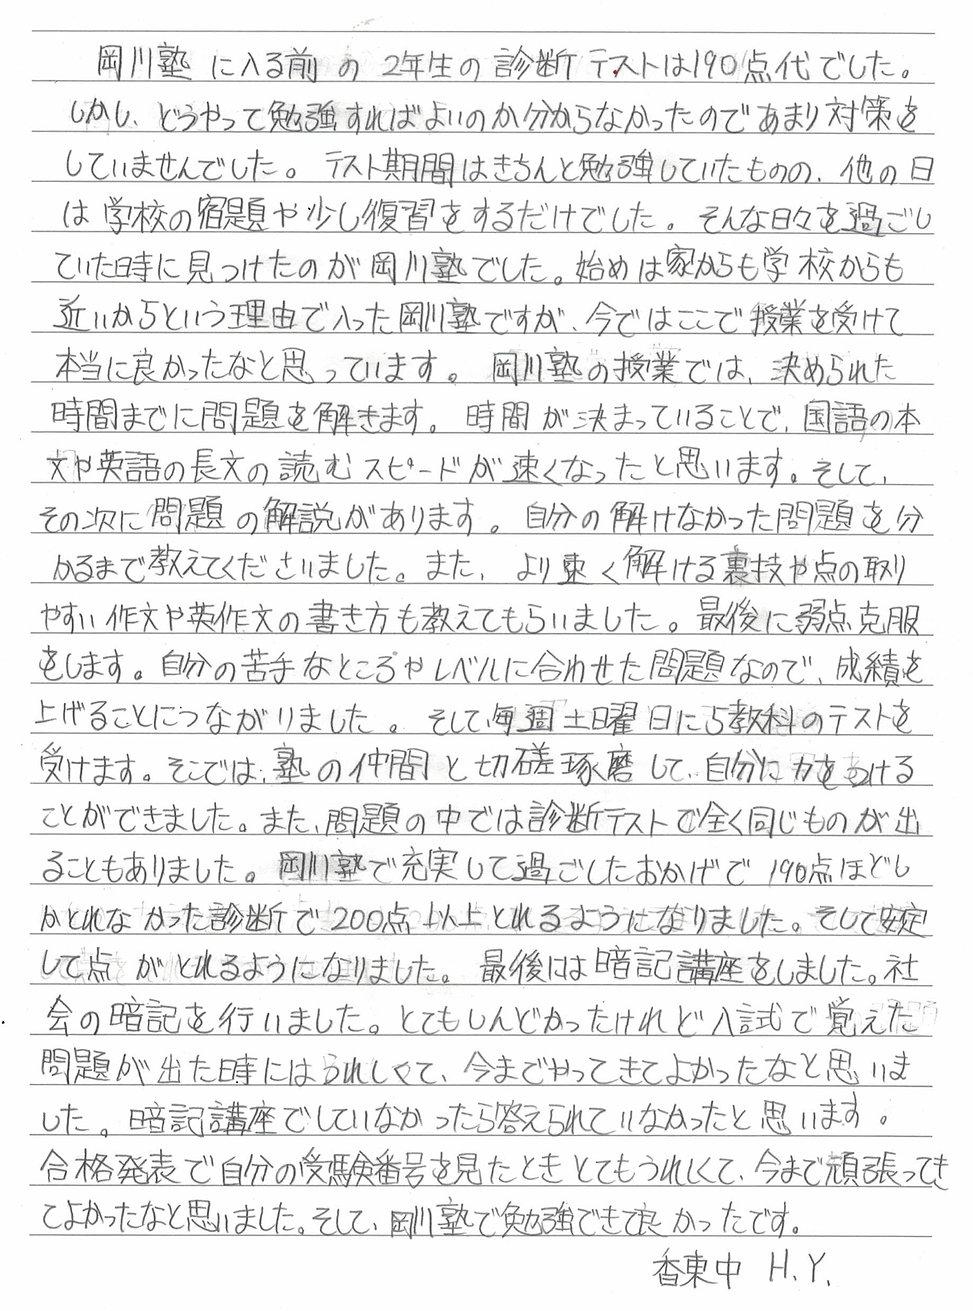 高松第一高校香東中HYさん.jpg